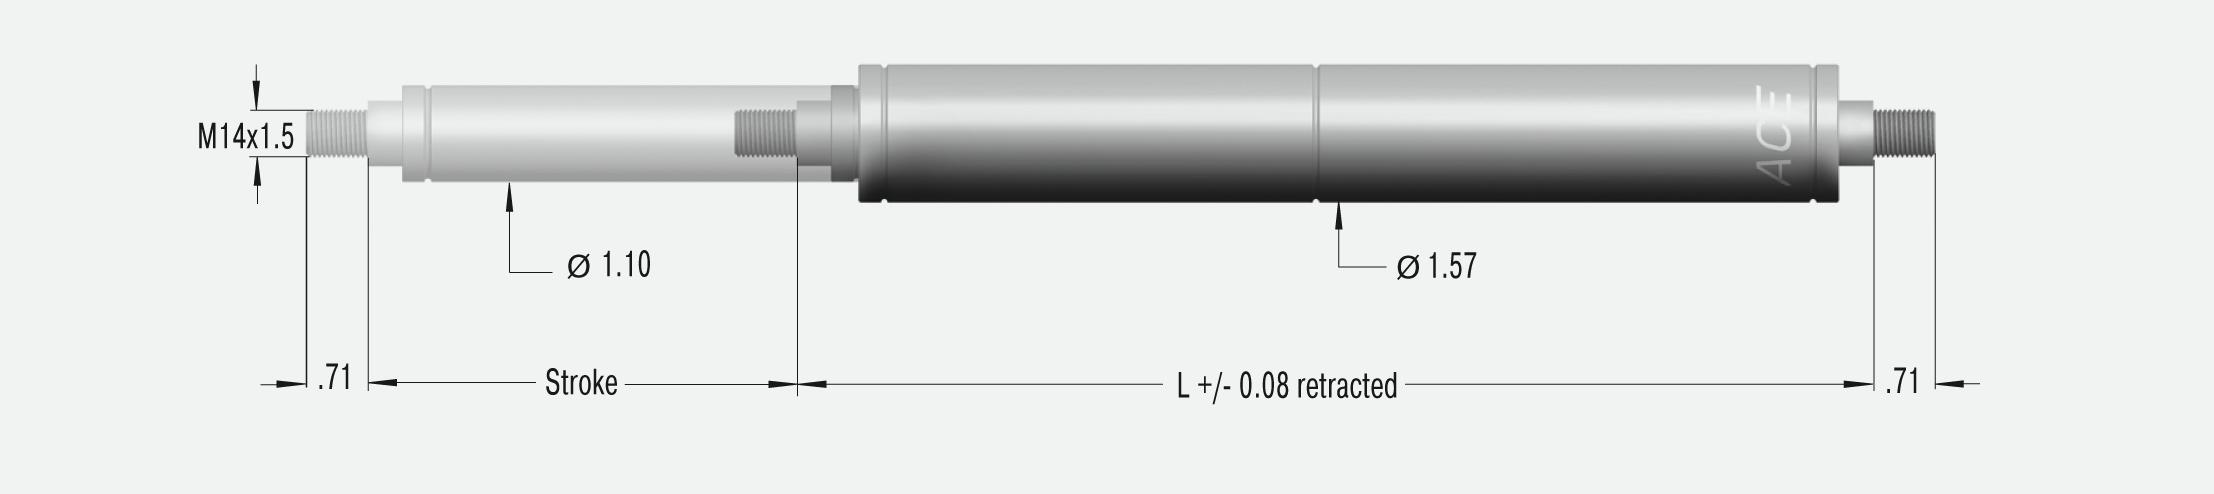 GZ-40-600-V4A